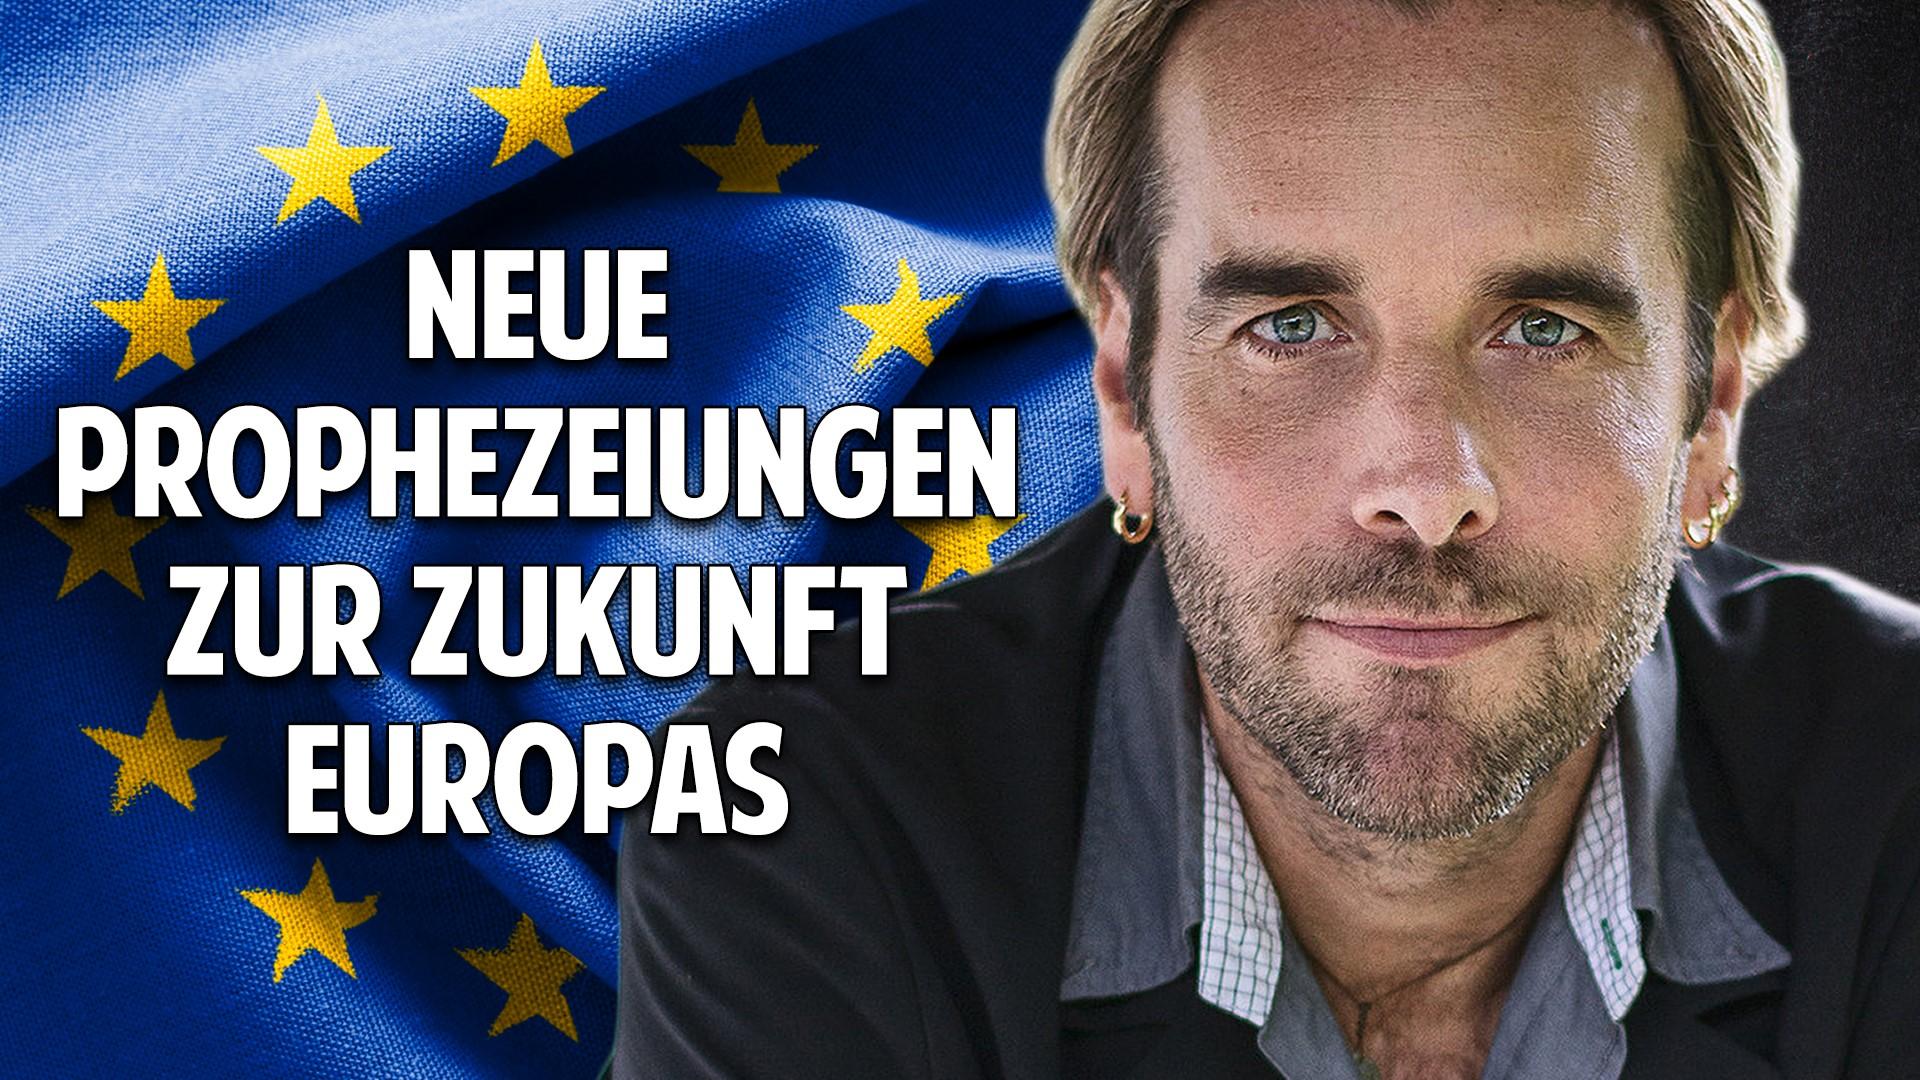 Neue Prophezeiungen zur Zukunft Europas - Die Visionen des